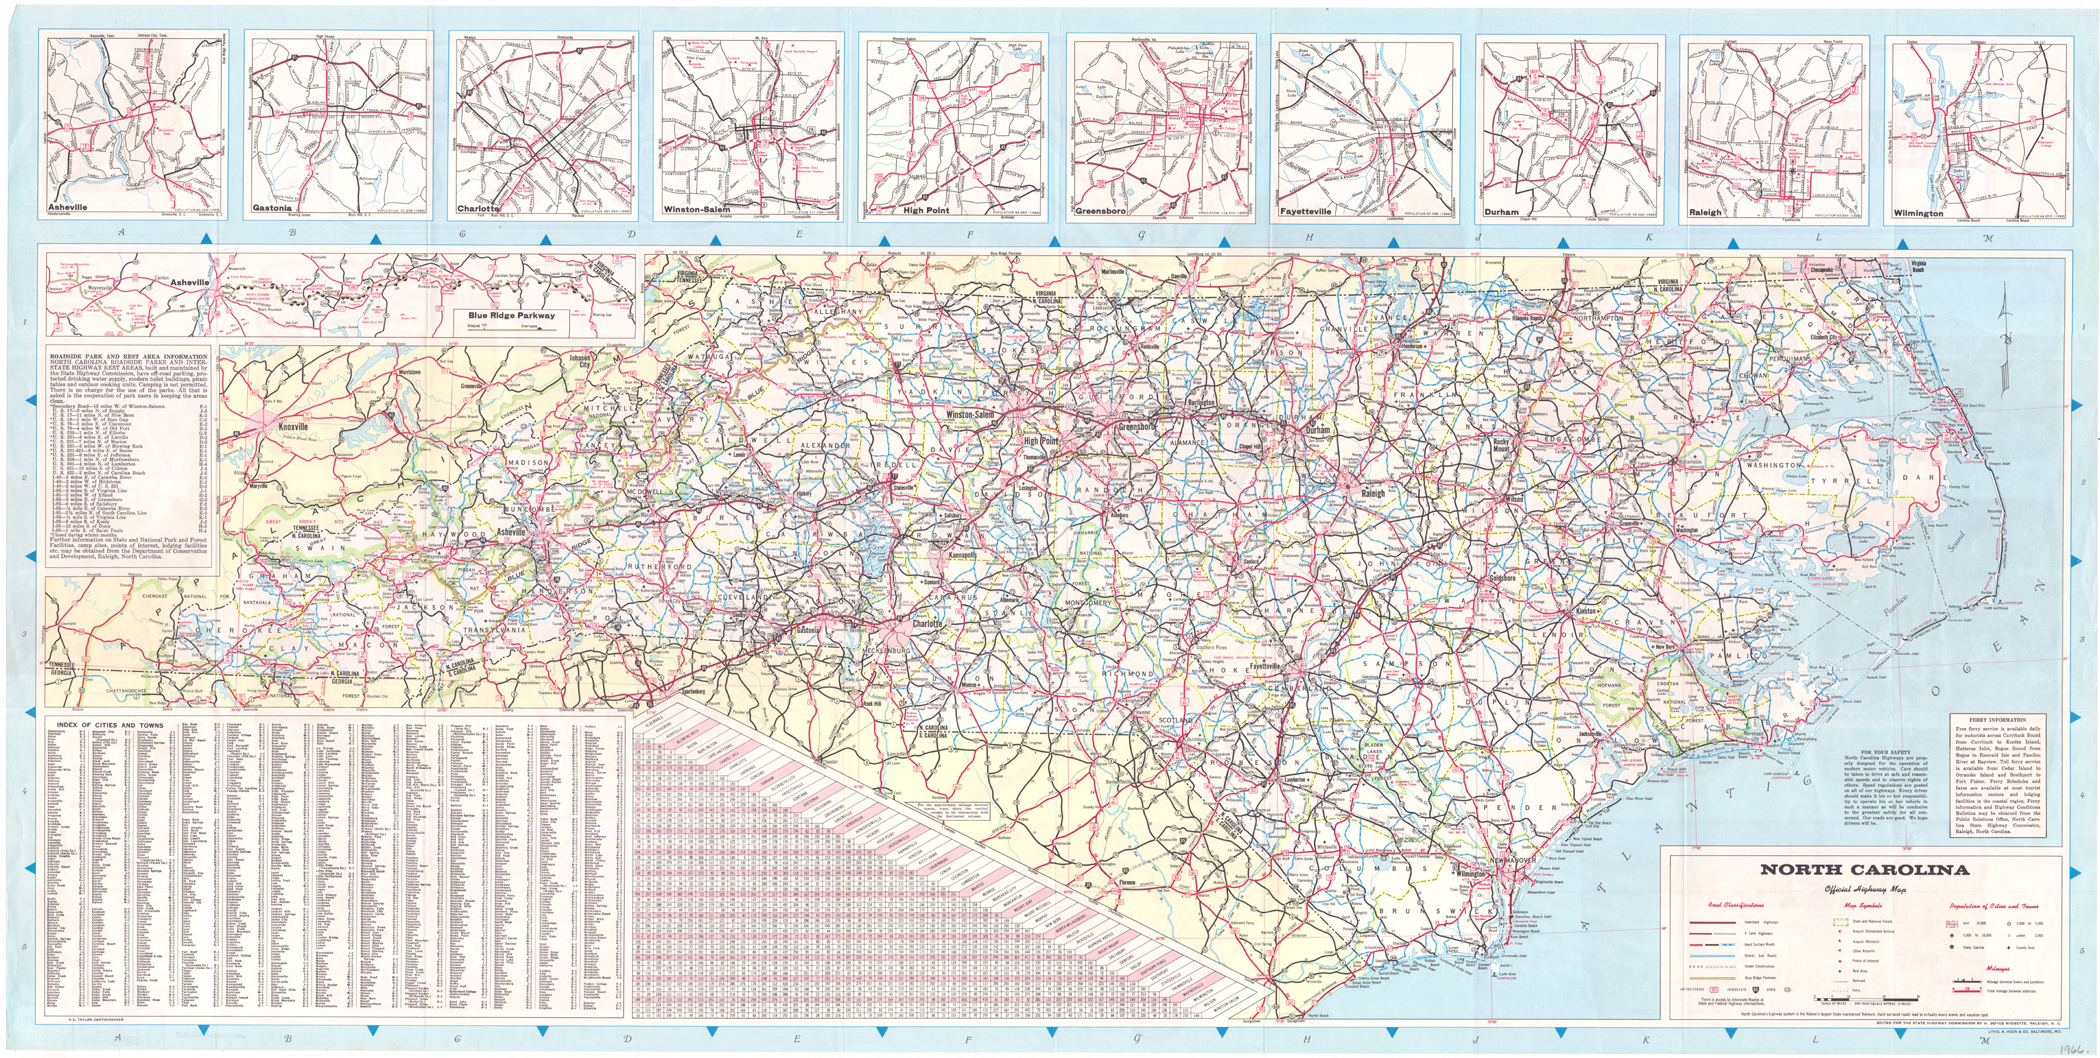 North Carolina Road Map - 1966